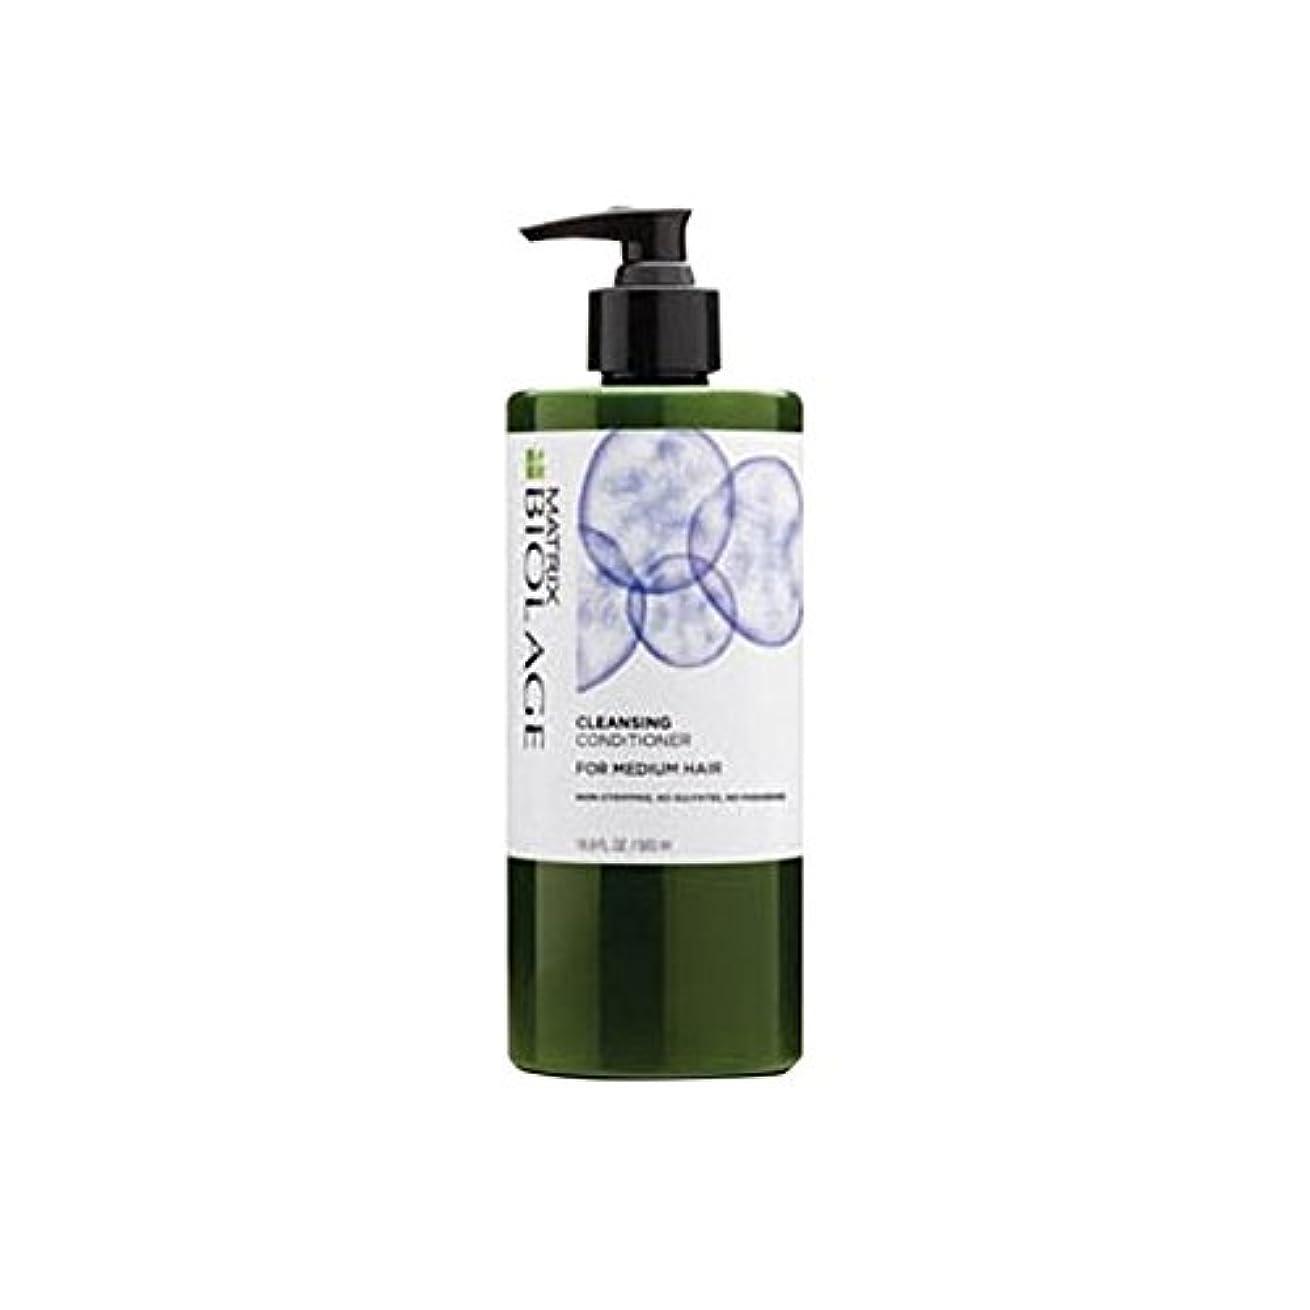 終わり気づく販売計画Matrix Biolage Cleansing Conditioner - Medium Hair (500ml) - マトリックスバイオレイジクレンジングコンディショナー - メディア髪(500ミリリットル) [並行輸入品]